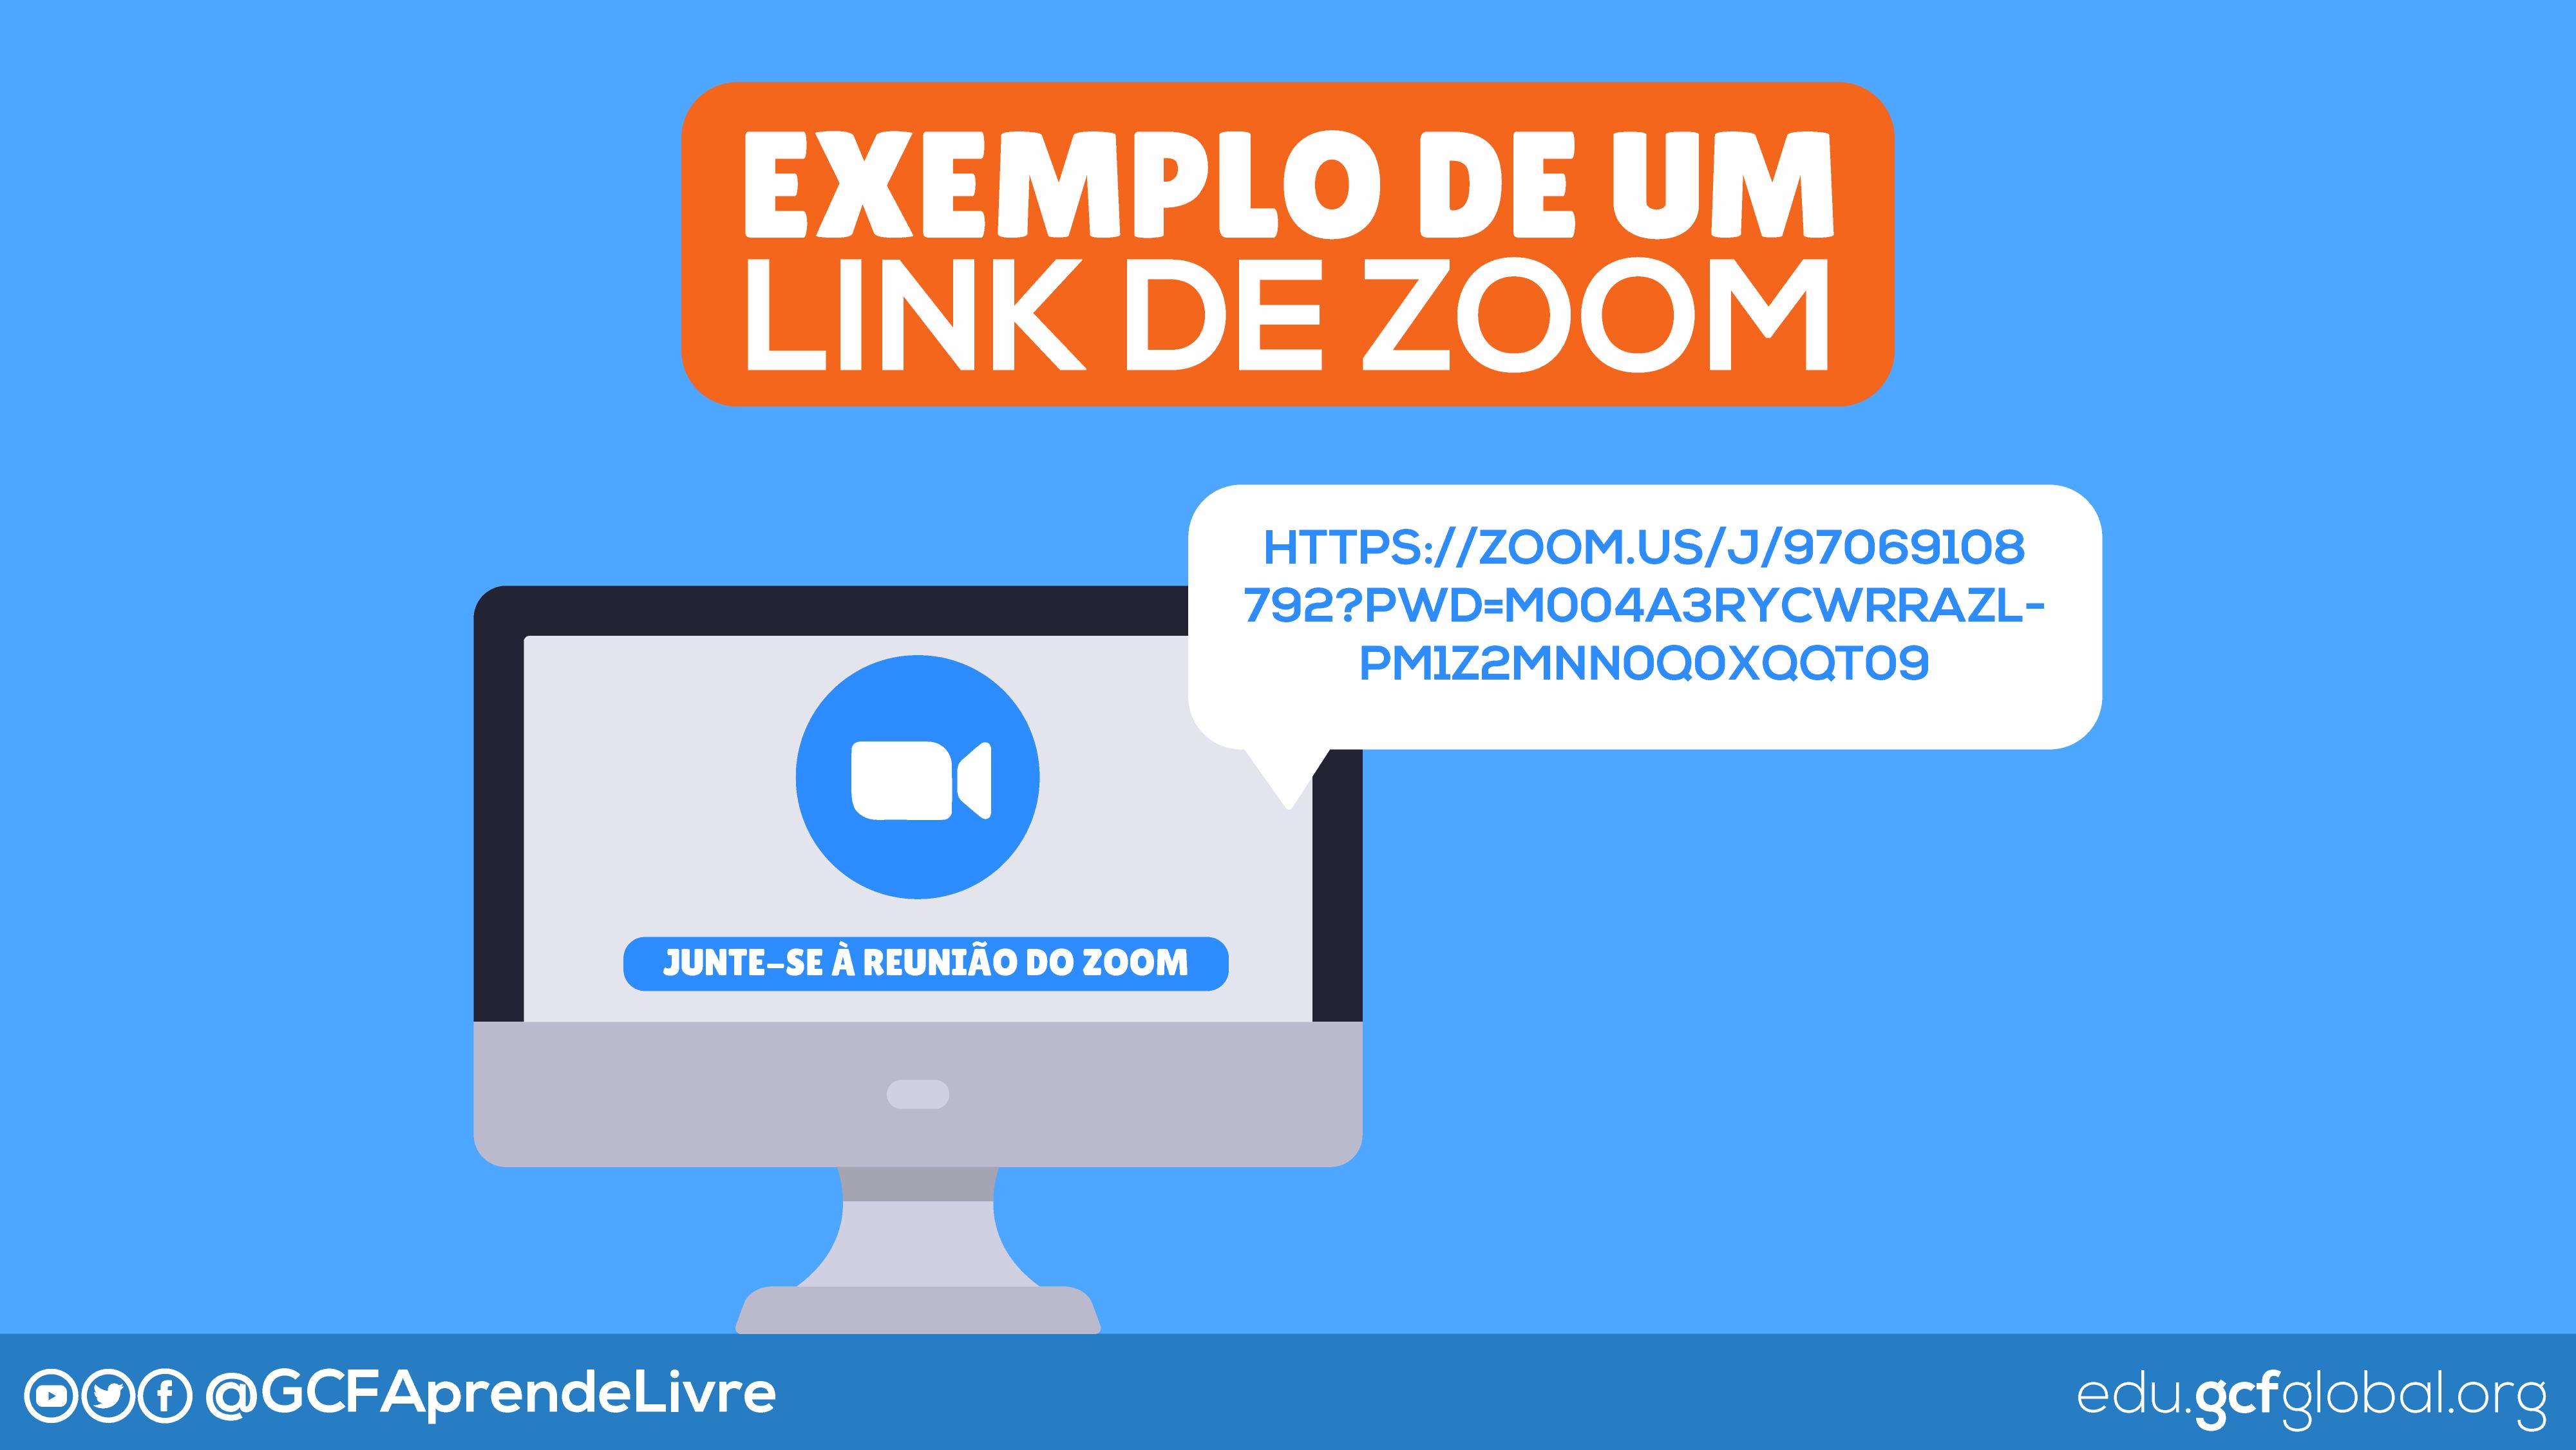 Imagem ilustrativa de um link para uma reunião do Zoom